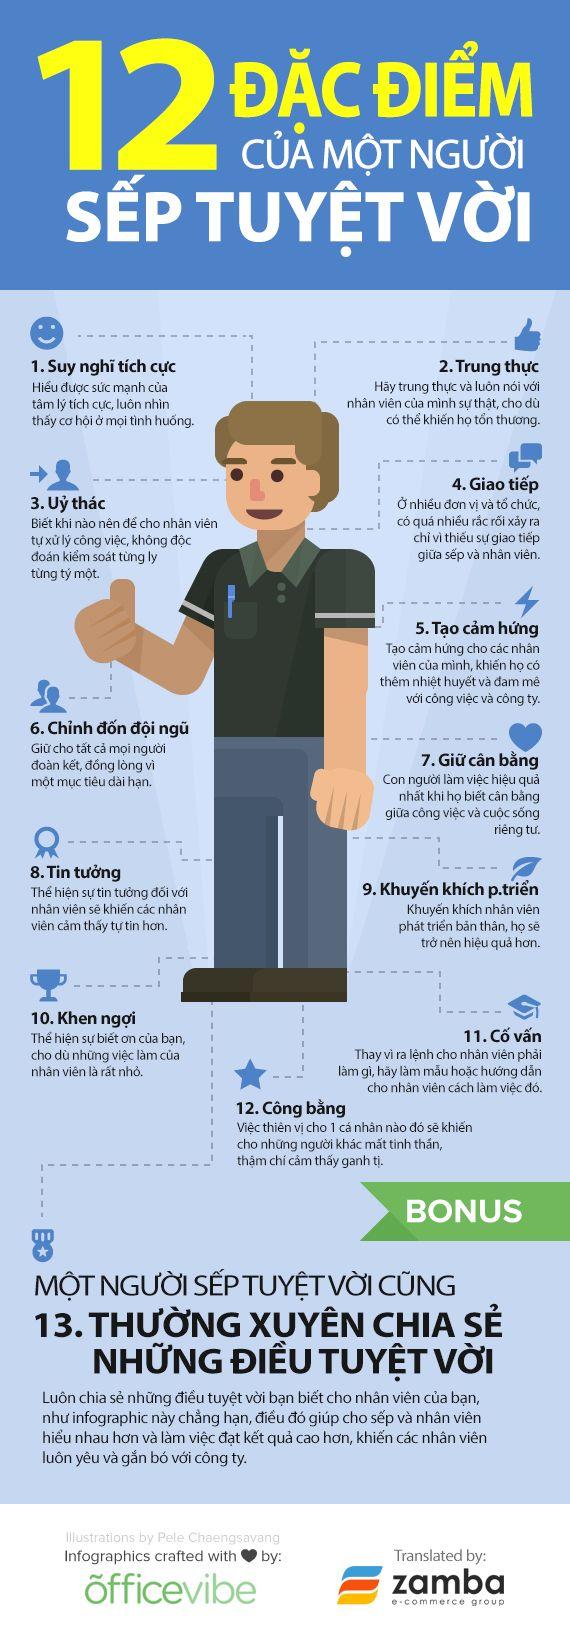 12 Ý tưởng đặc điểm của 1 người sếp, quản lý tuyệt vời trong mắt cấp dưới